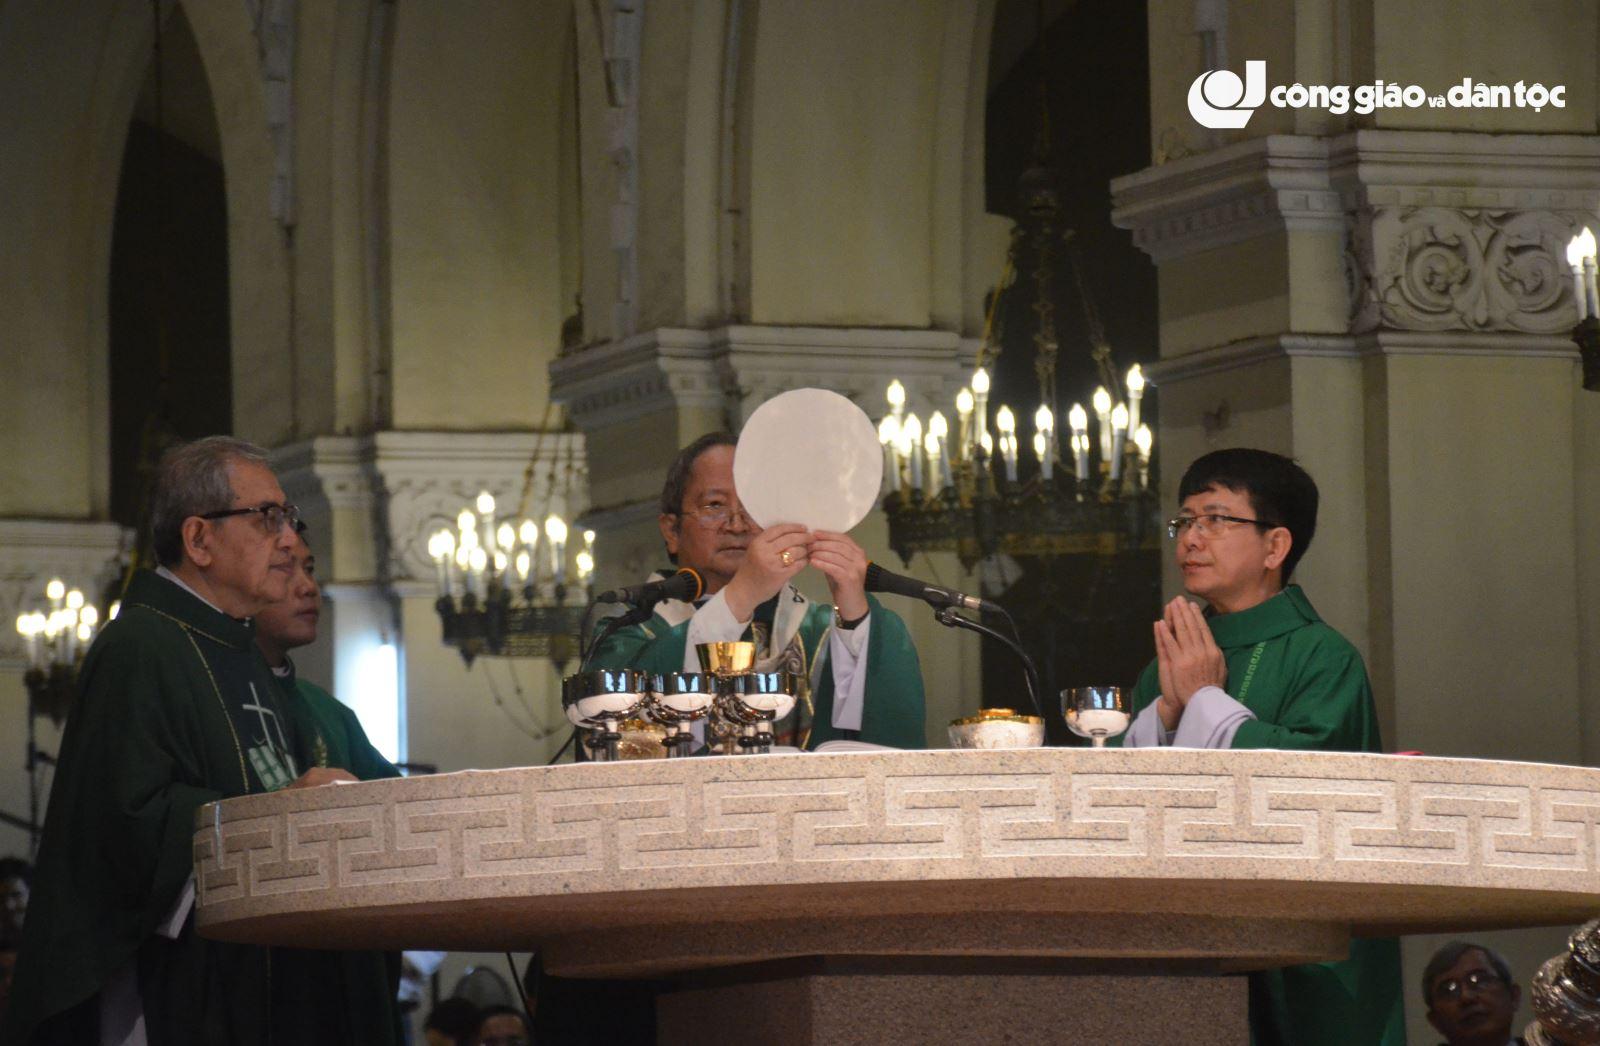 phái đoàn Tòa Thánh dâng lễ tại nhà thờ Đức Bà Sài Gòn